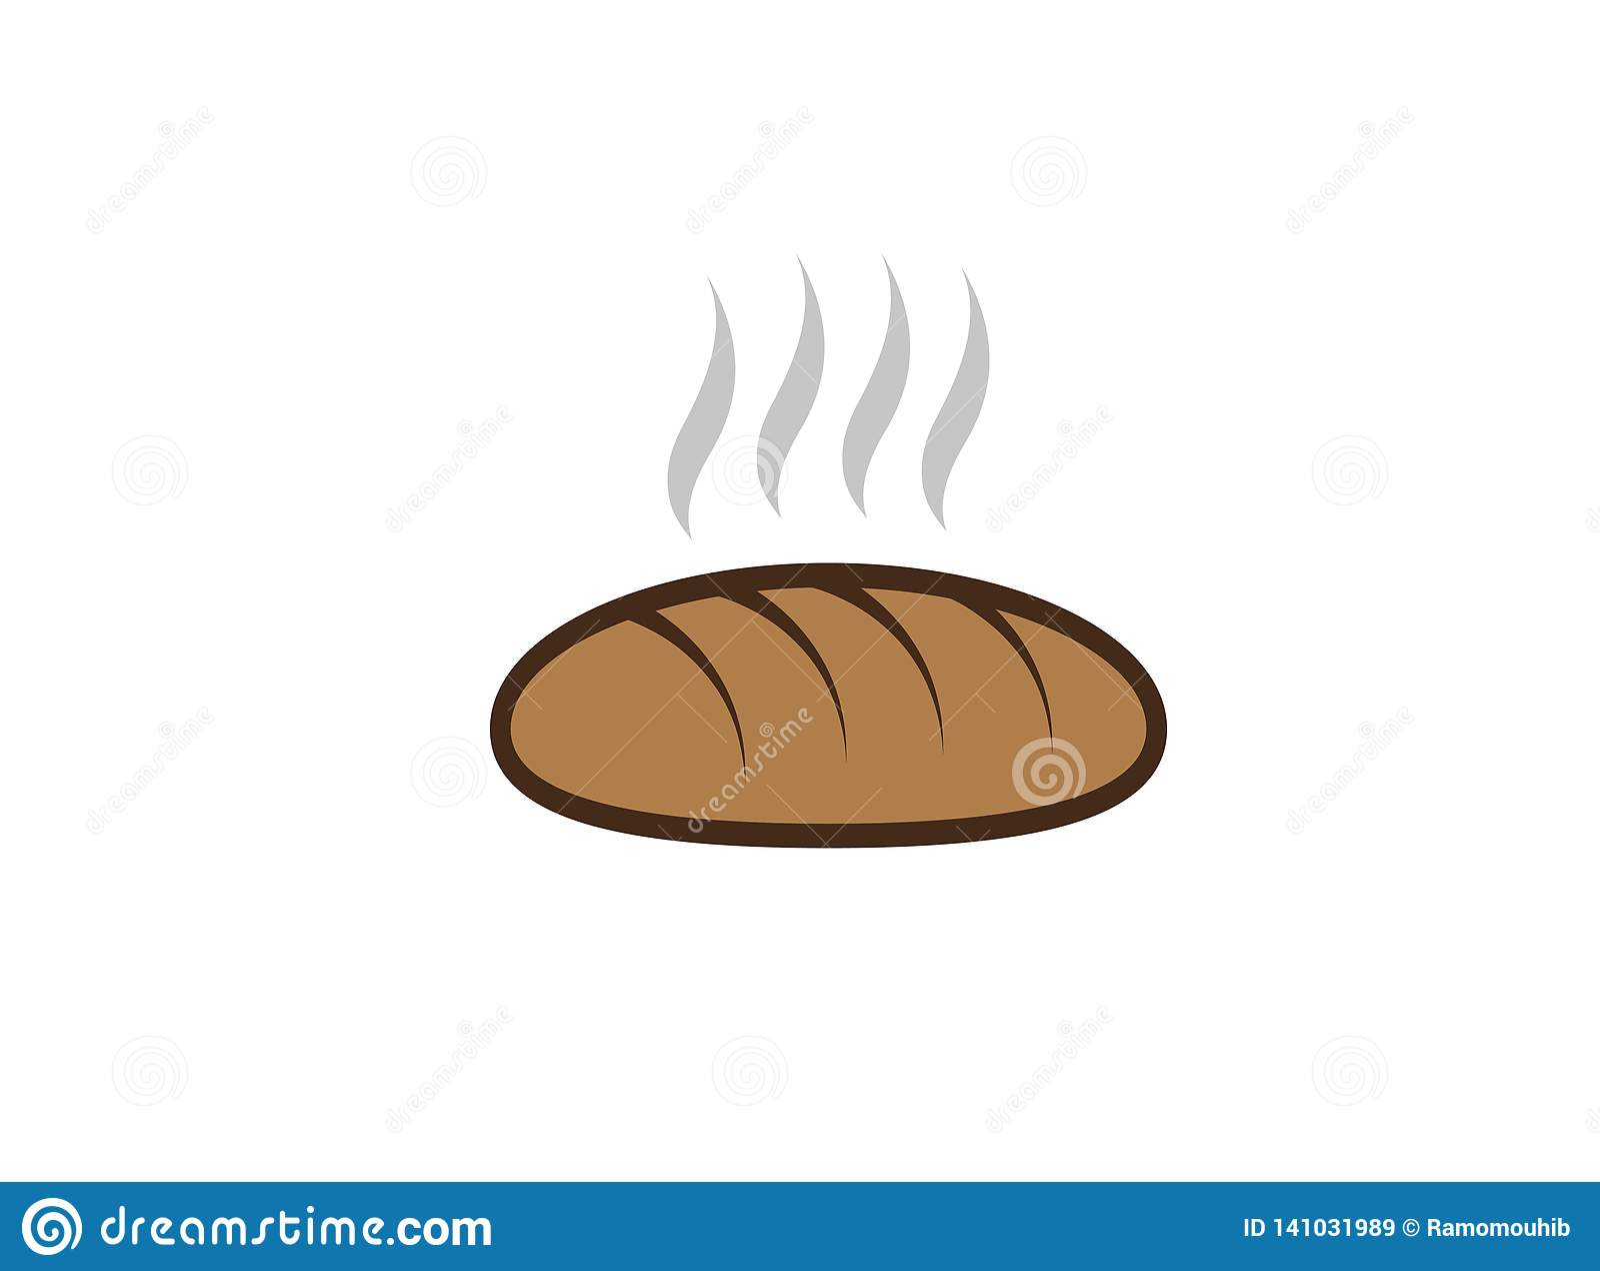 Kreatives heißes Brot für Logoentwurfsillustration, Bäckereigeschäftssymbol